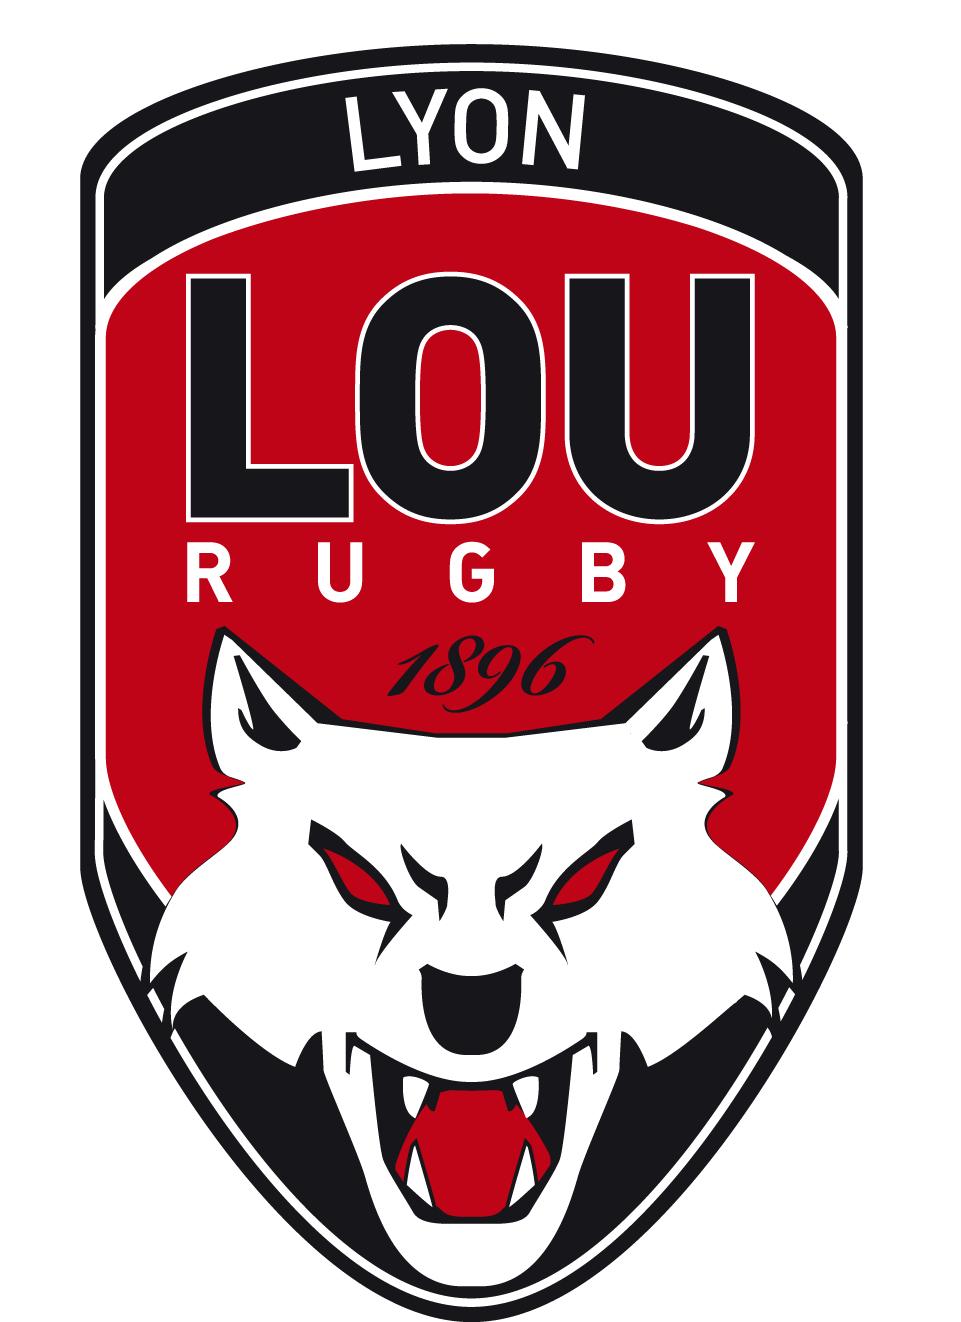 Billet gratuit pour le match de rugby Lyon OU / Cardiff Blues - jeudi 18 janvier